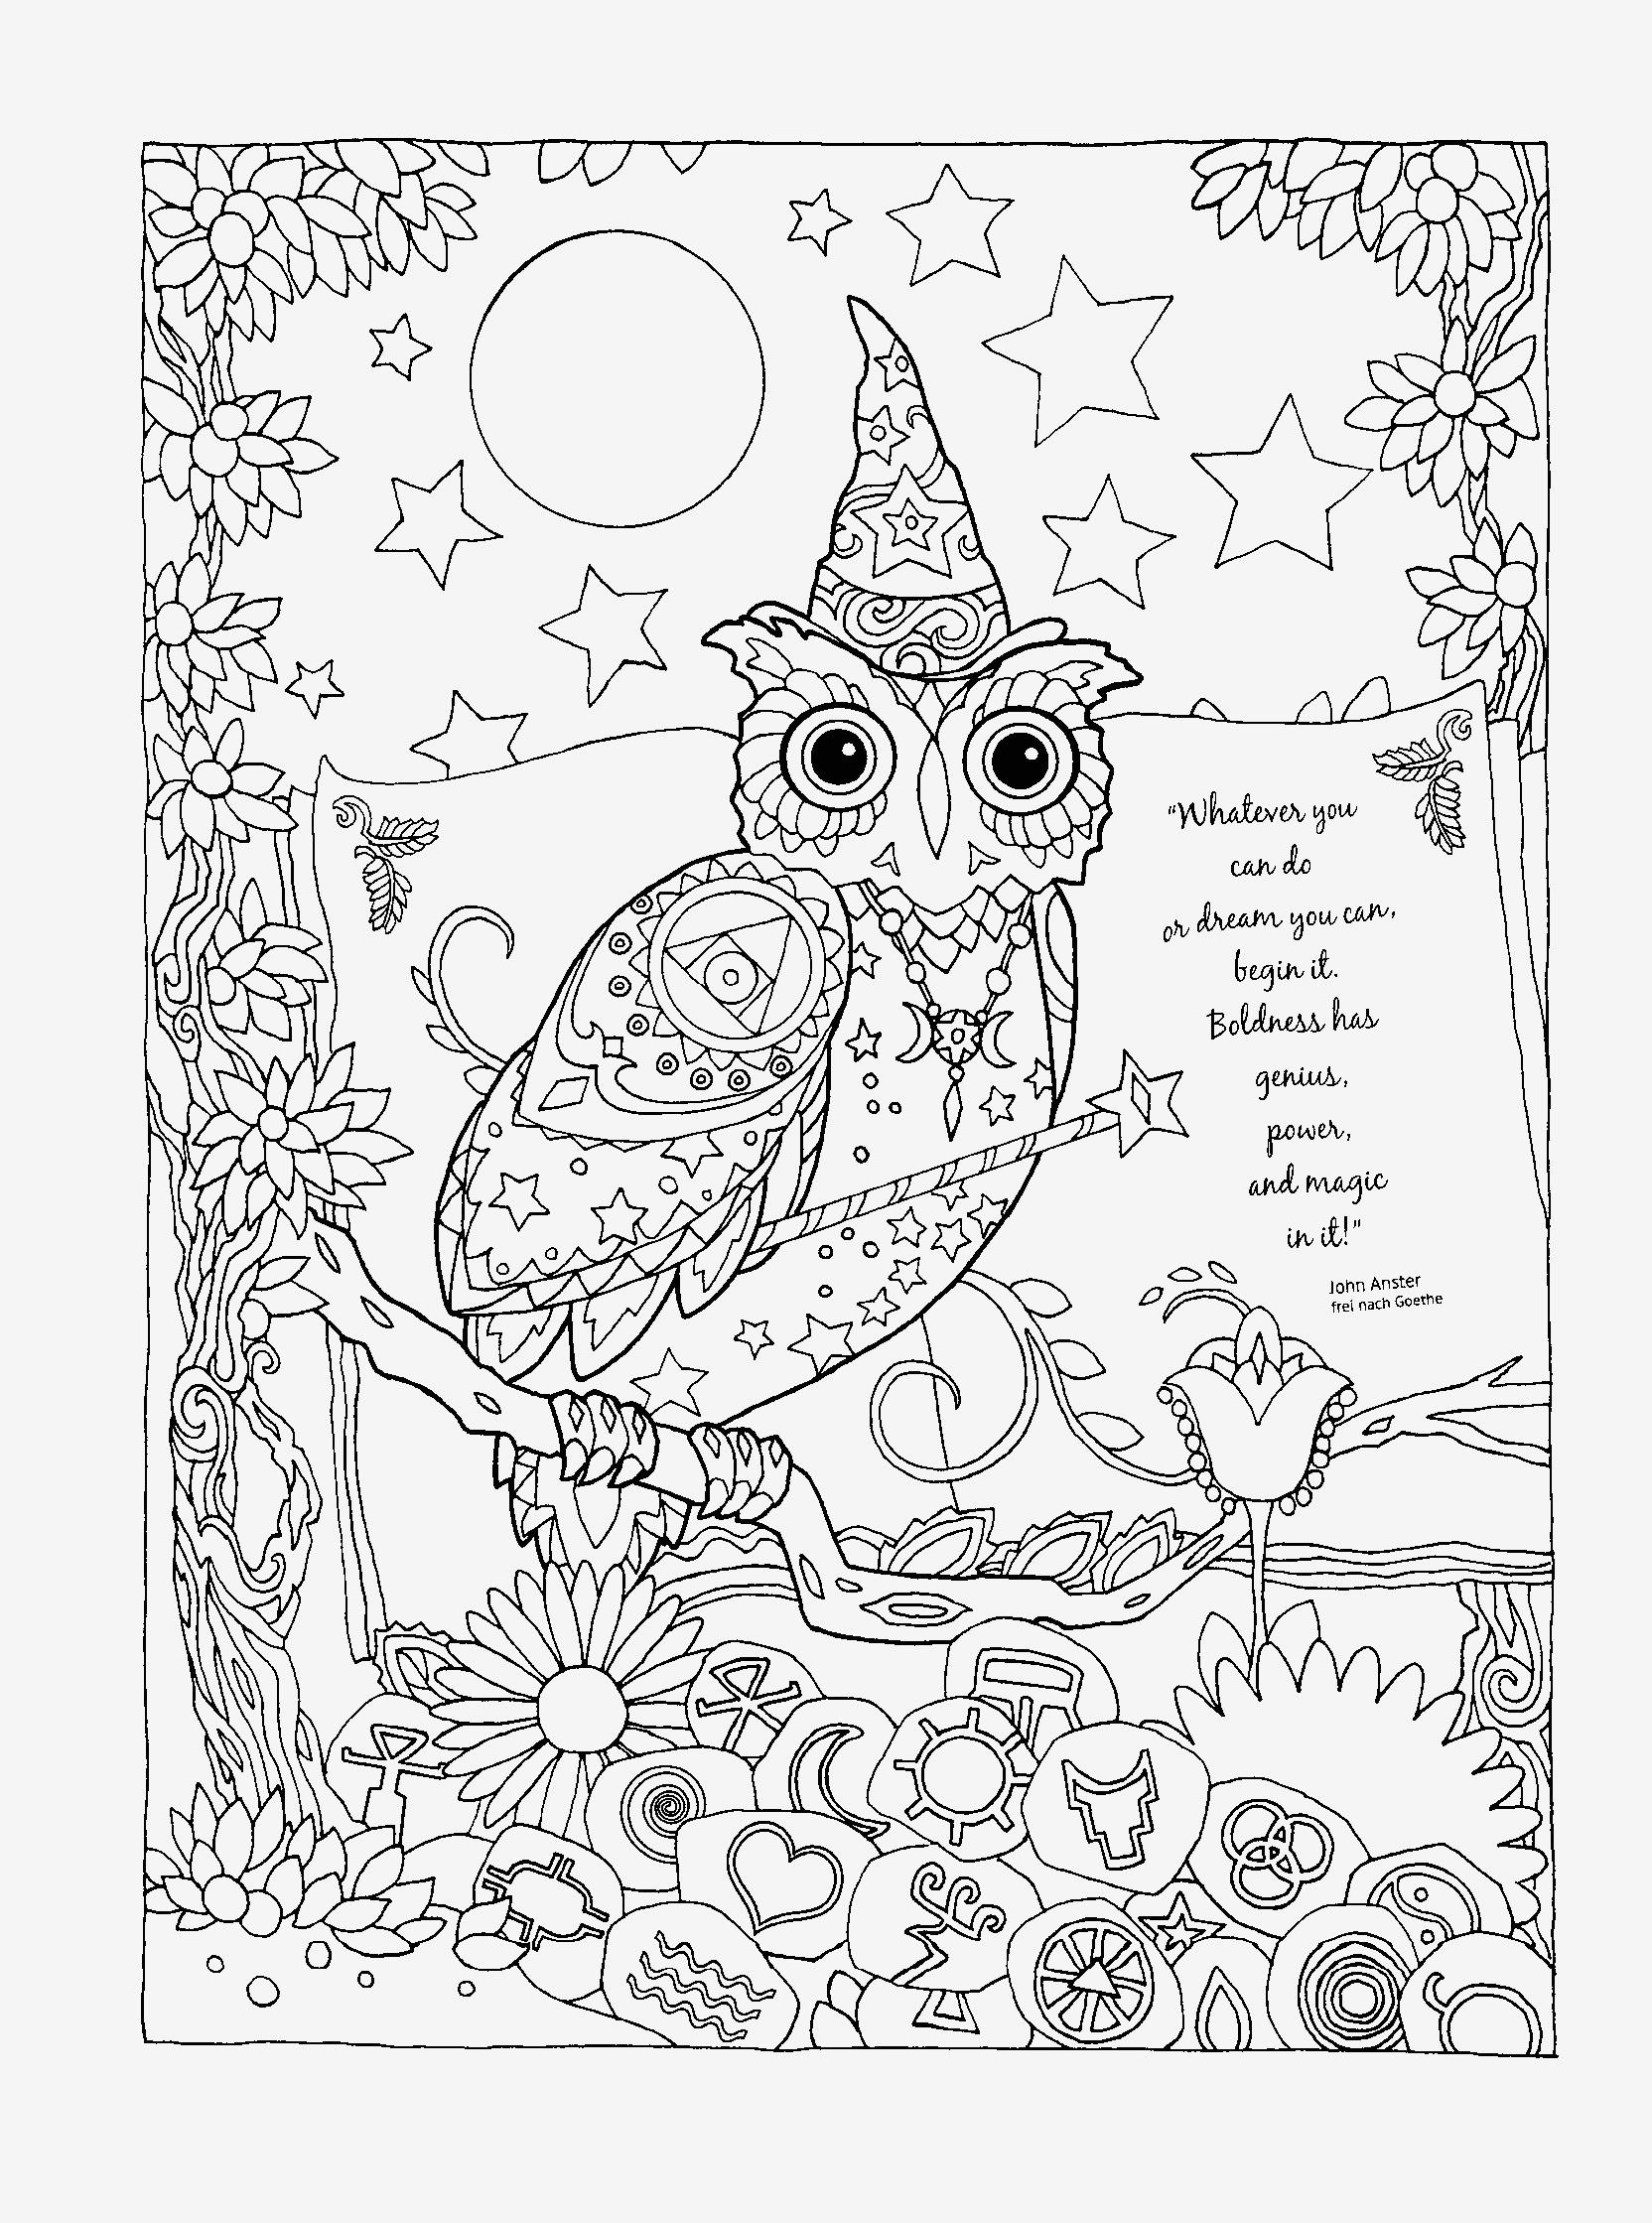 Tranh tô màu chim cú nhiều họa tiết